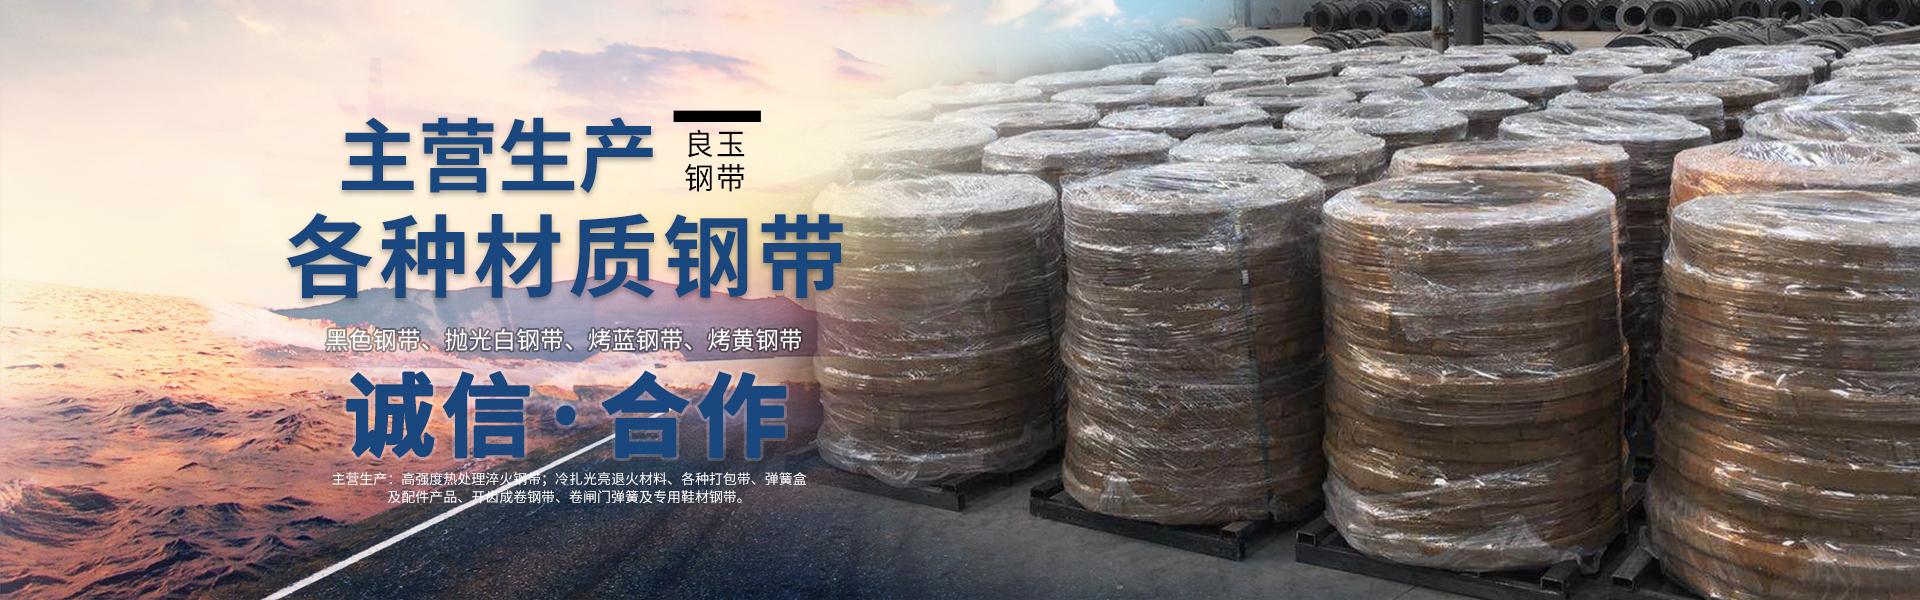 钢带厂家|淬火钢带|铁皮打包带|山东烤蓝钢带-临沂市良玉钢带